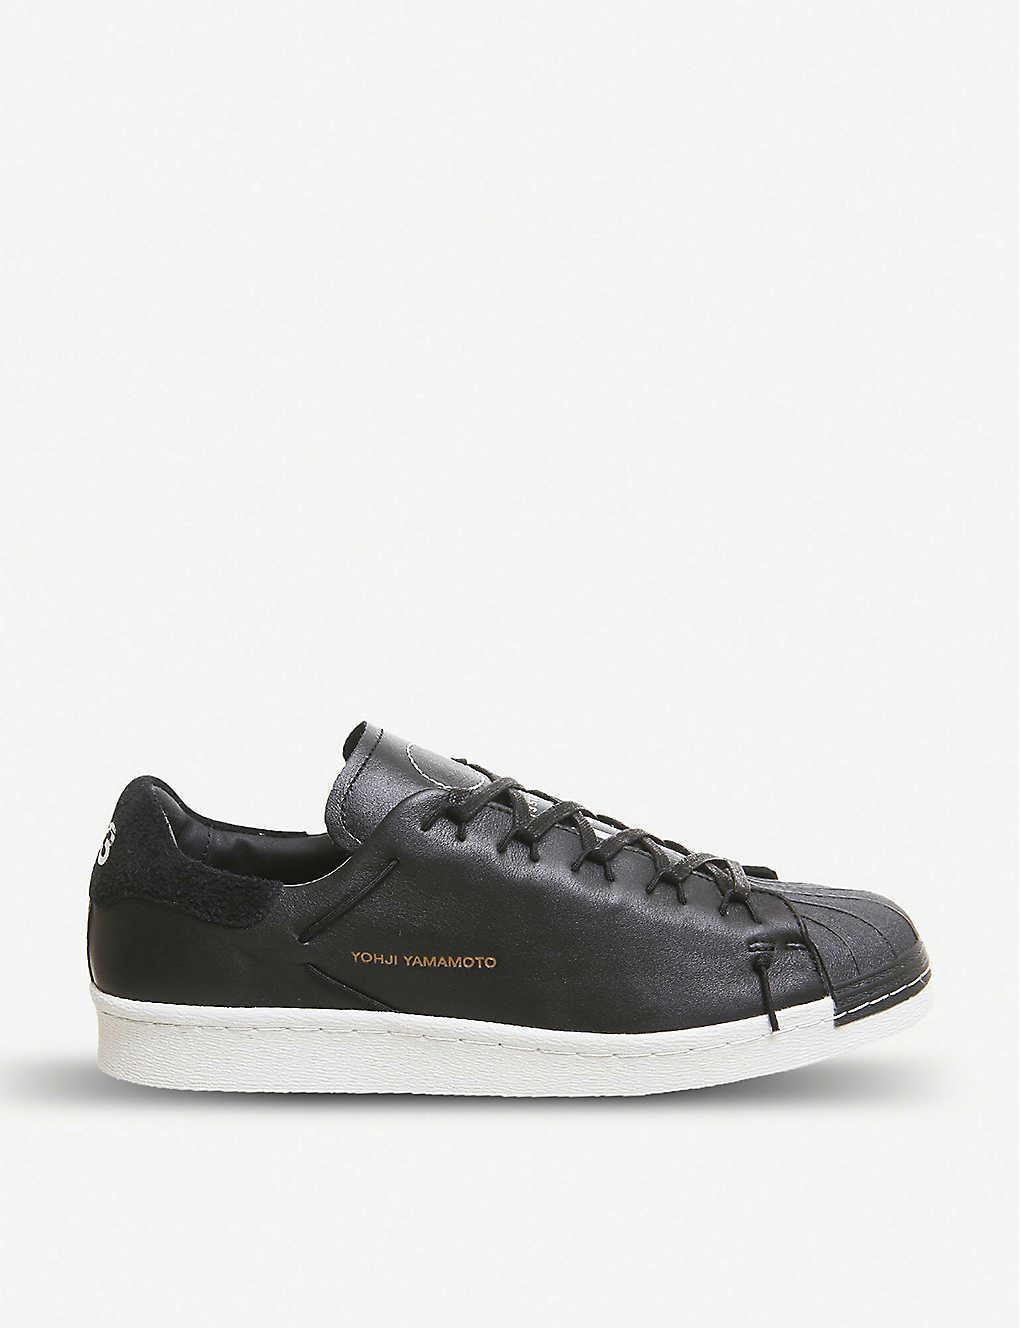 a7e9082e8951a Y-3 Super Knot leather trainers - Black white ...